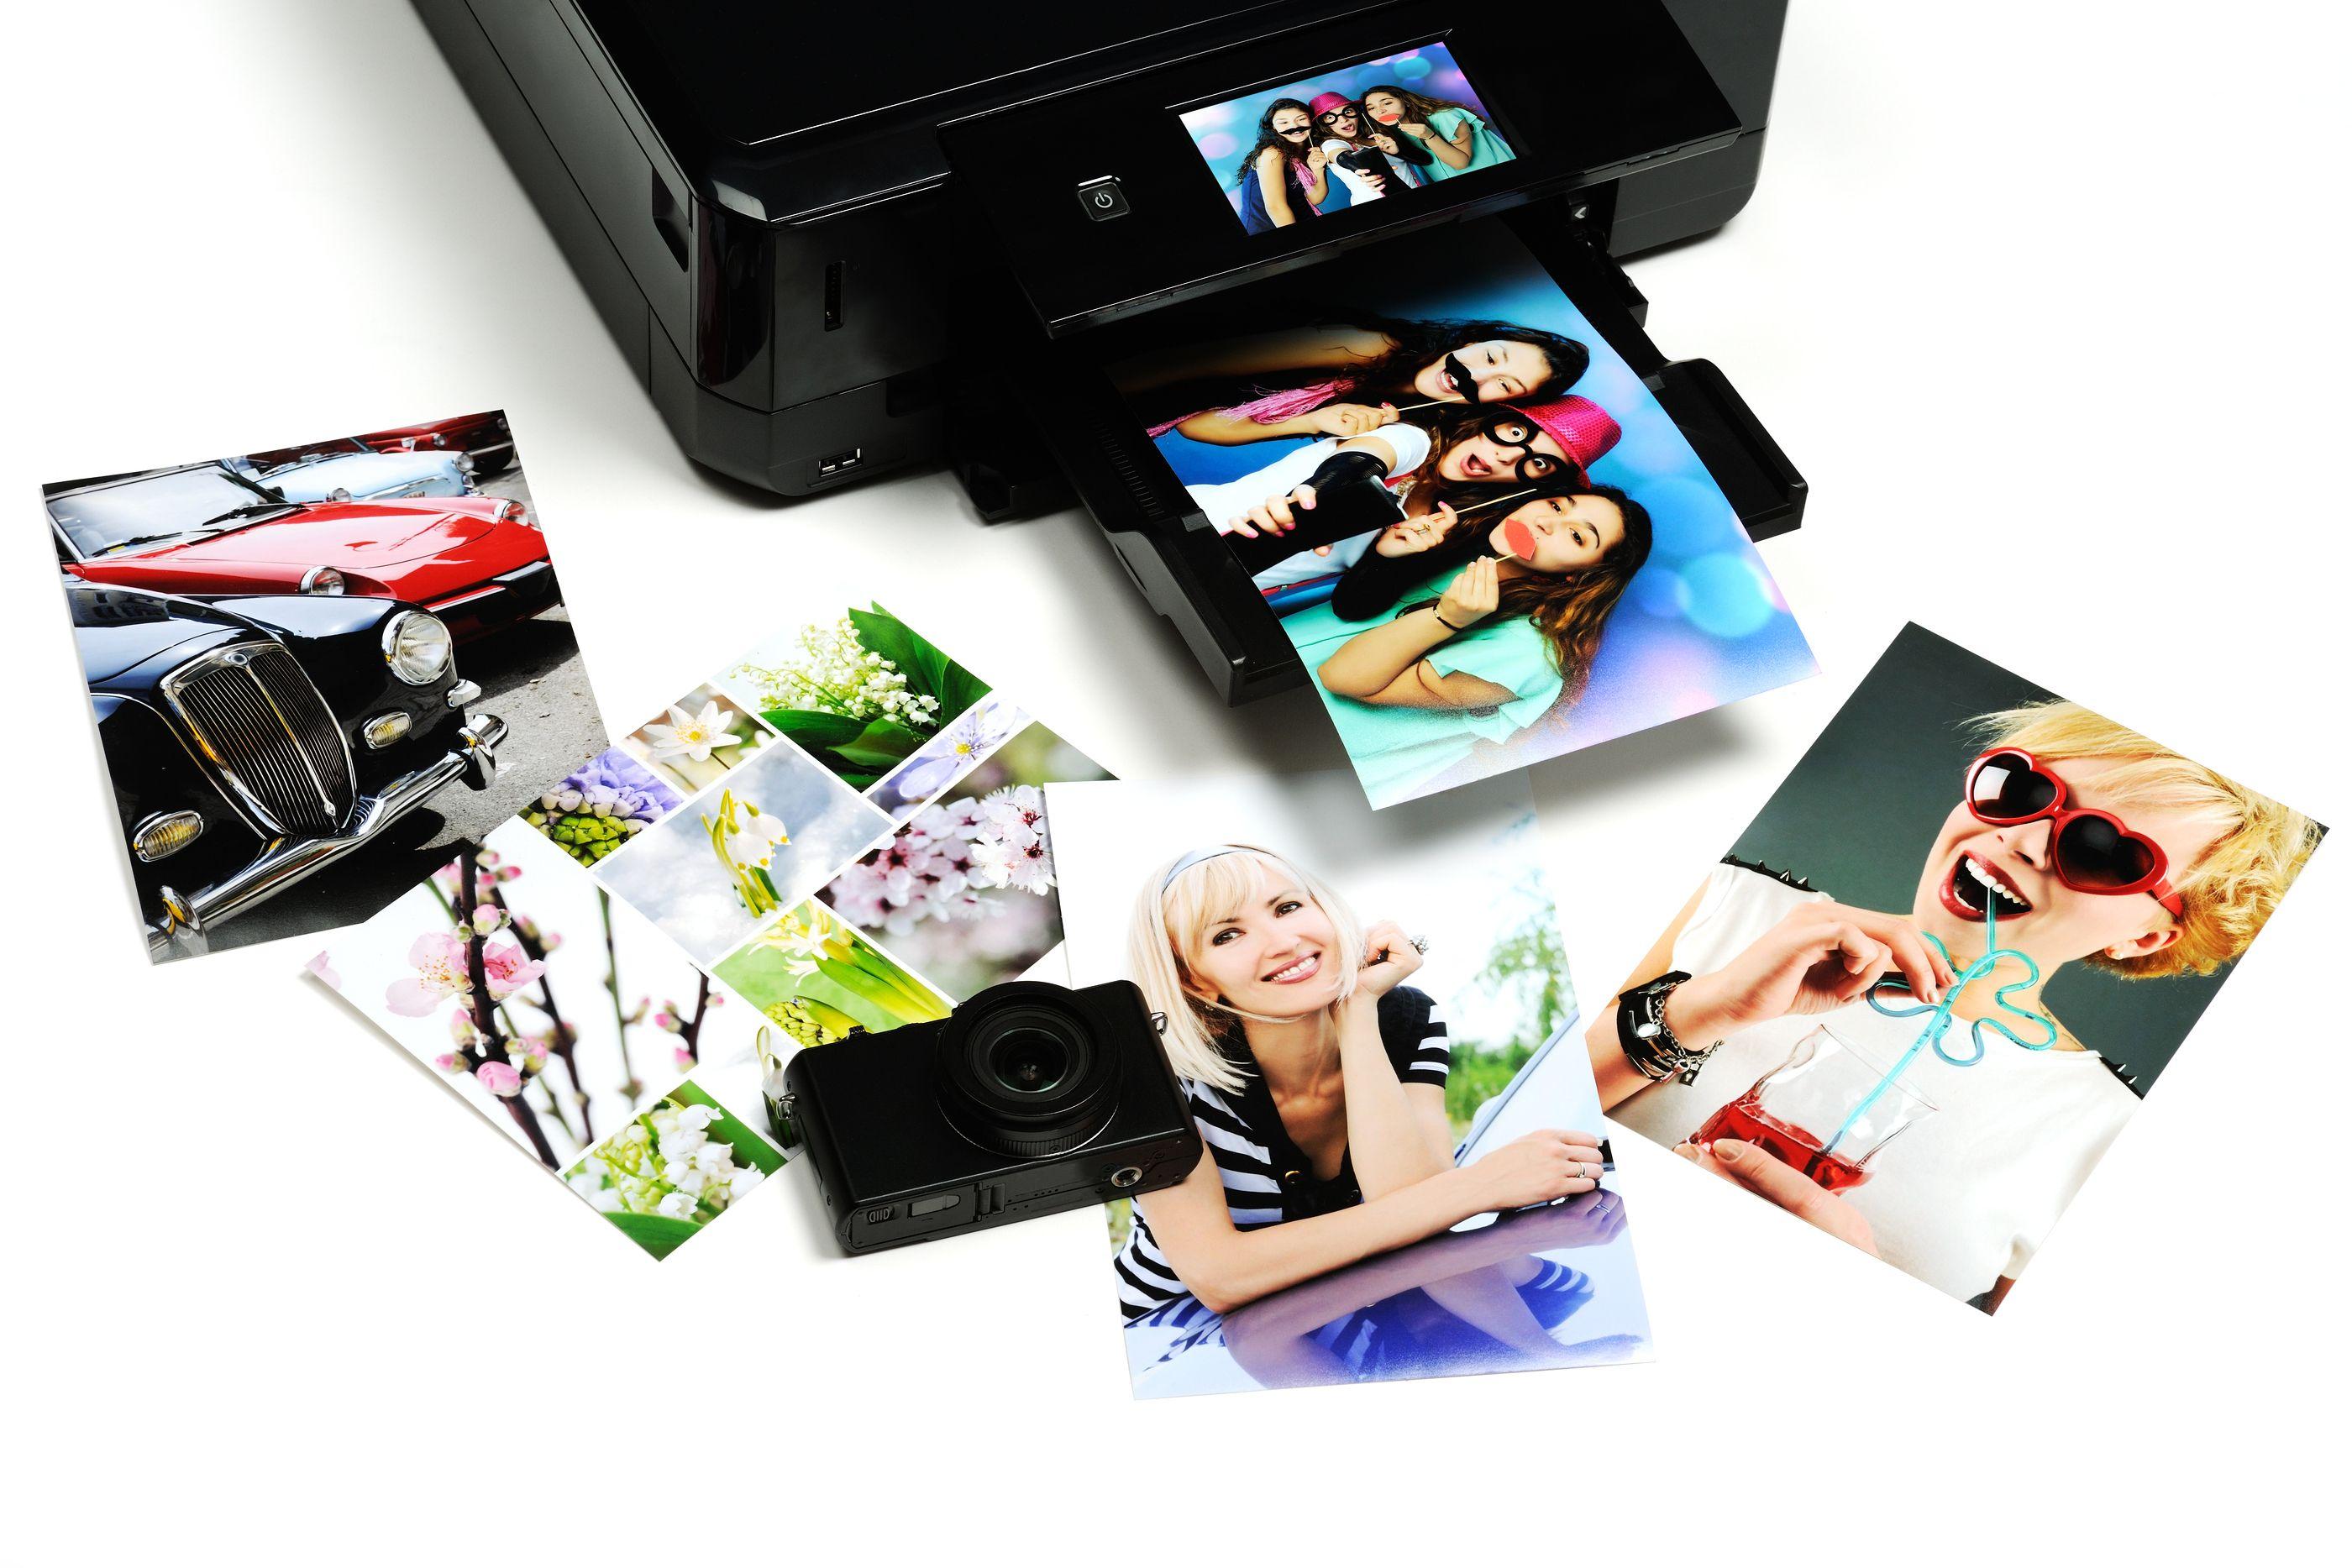 печать фото продукции в китае поставить вертикальную фотографию